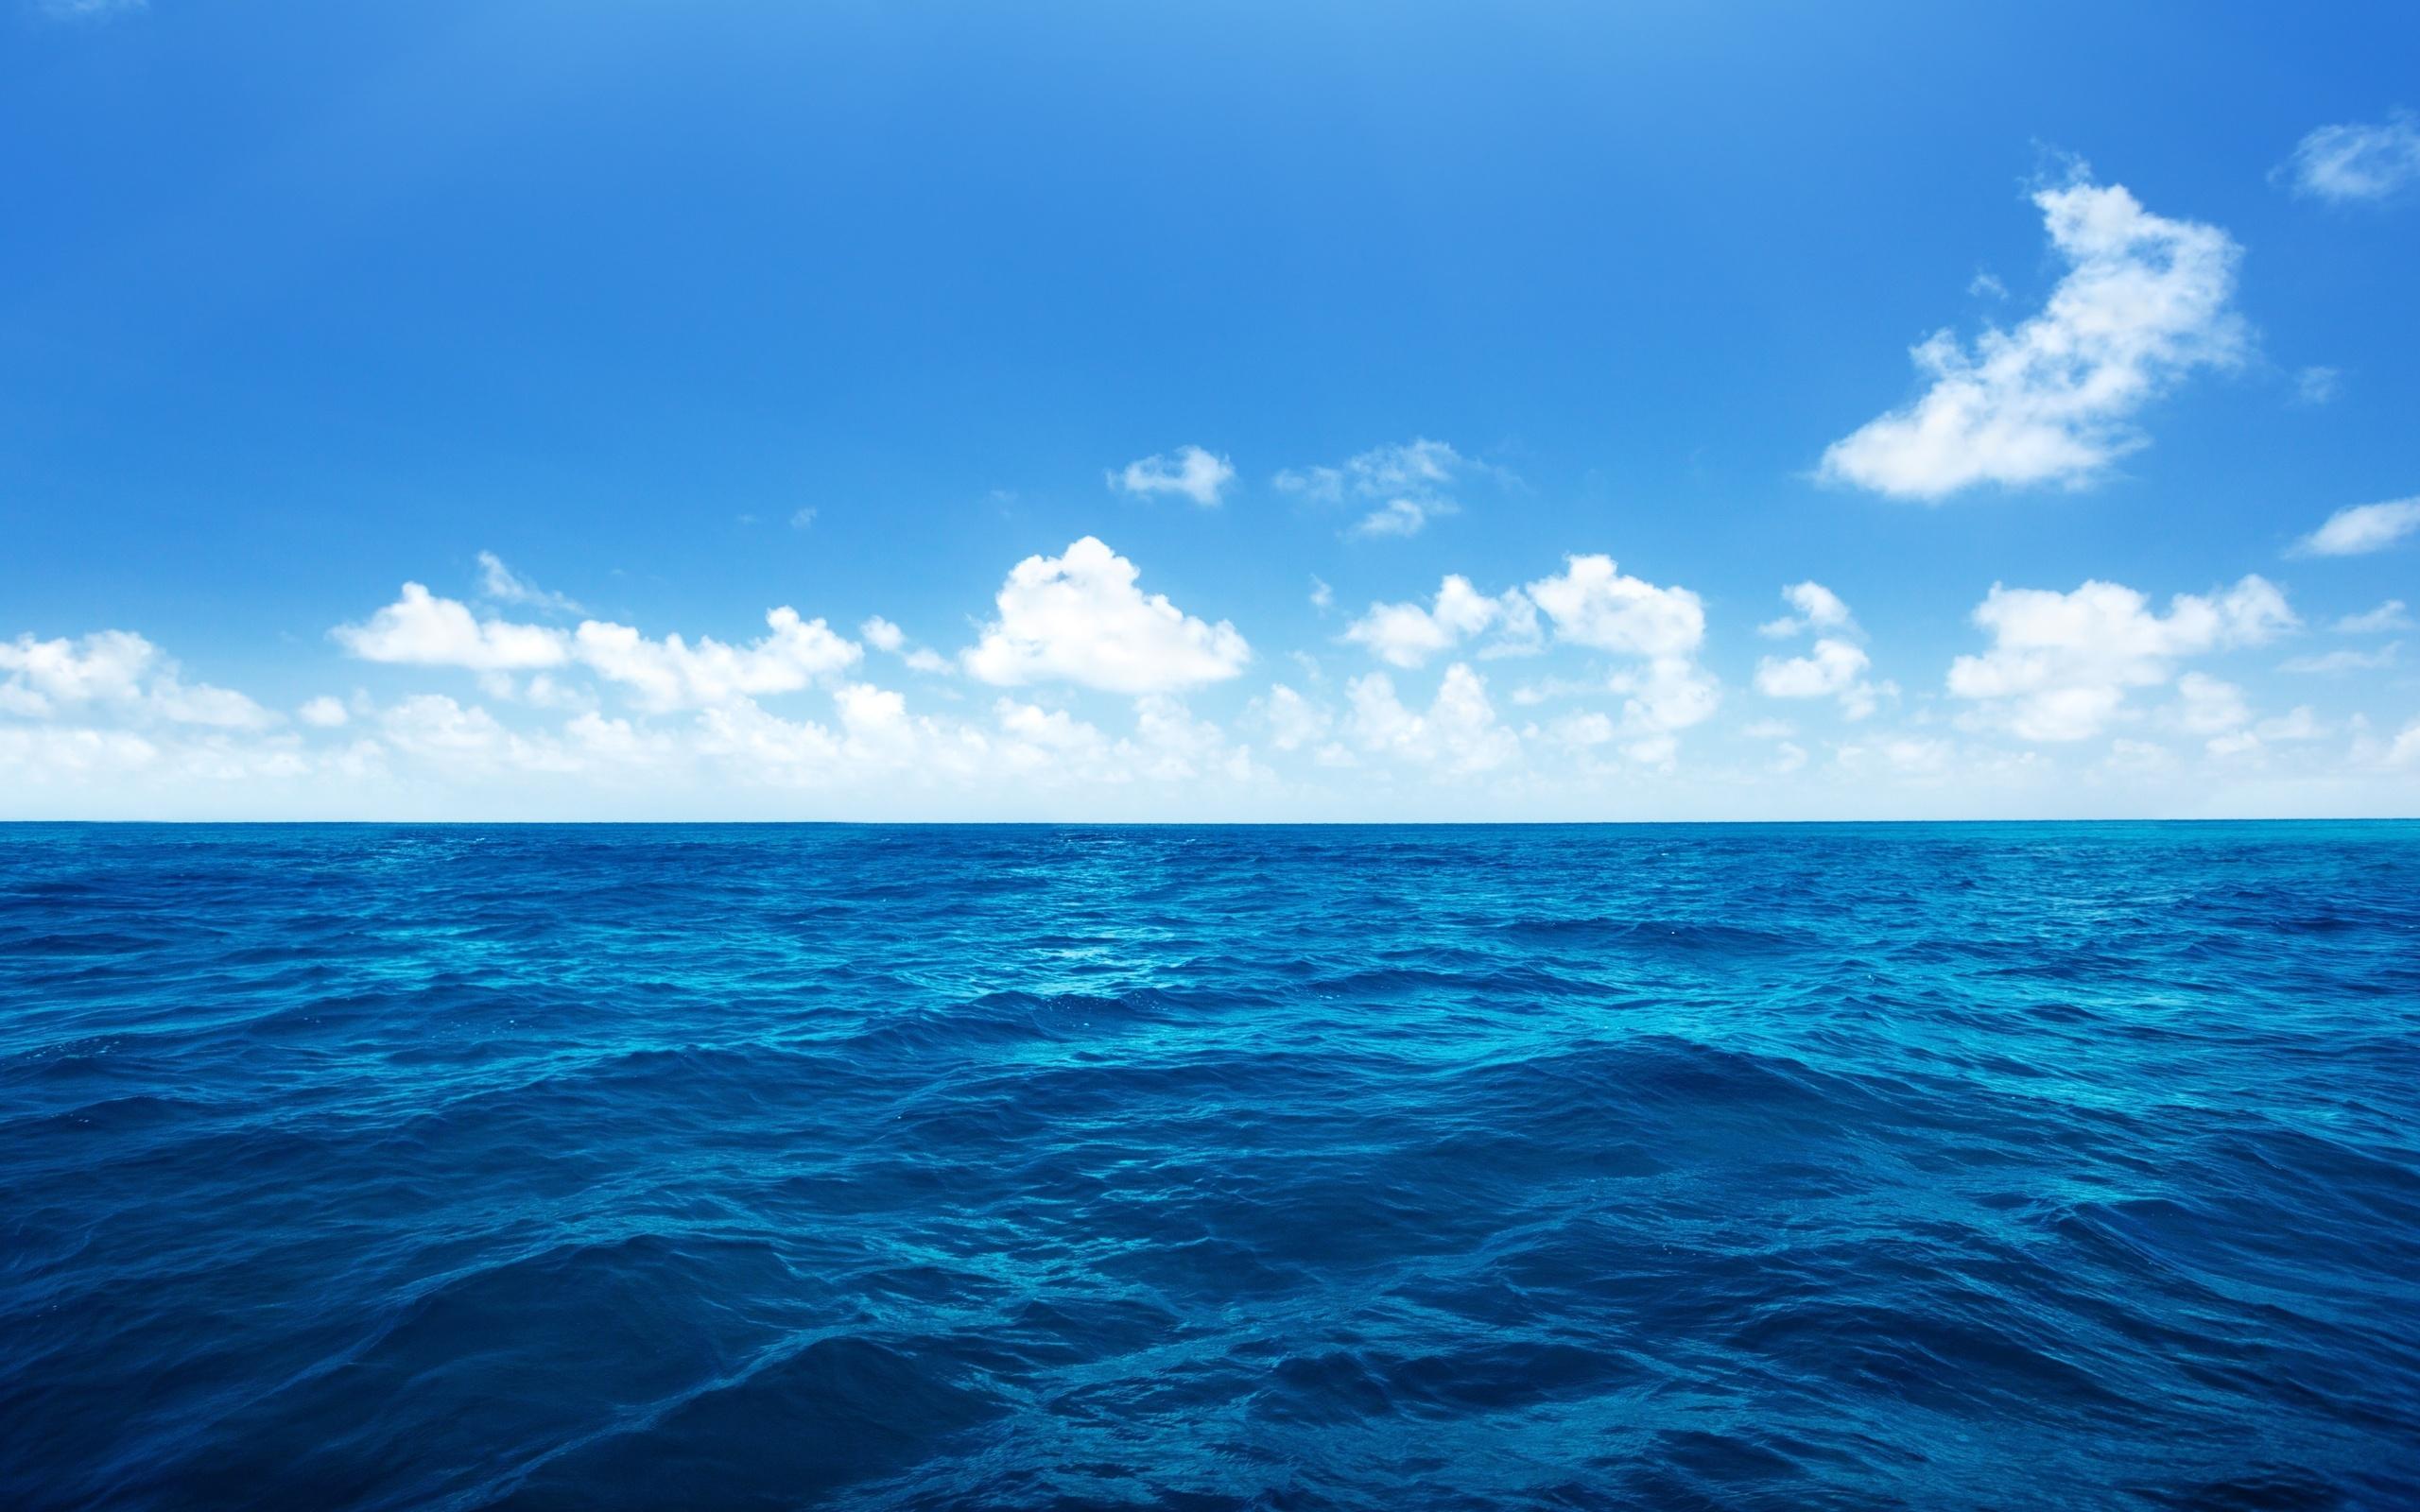 High Resolution Ocean Water Background 2560x1600 Download Hd Wallpaper Wallpapertip